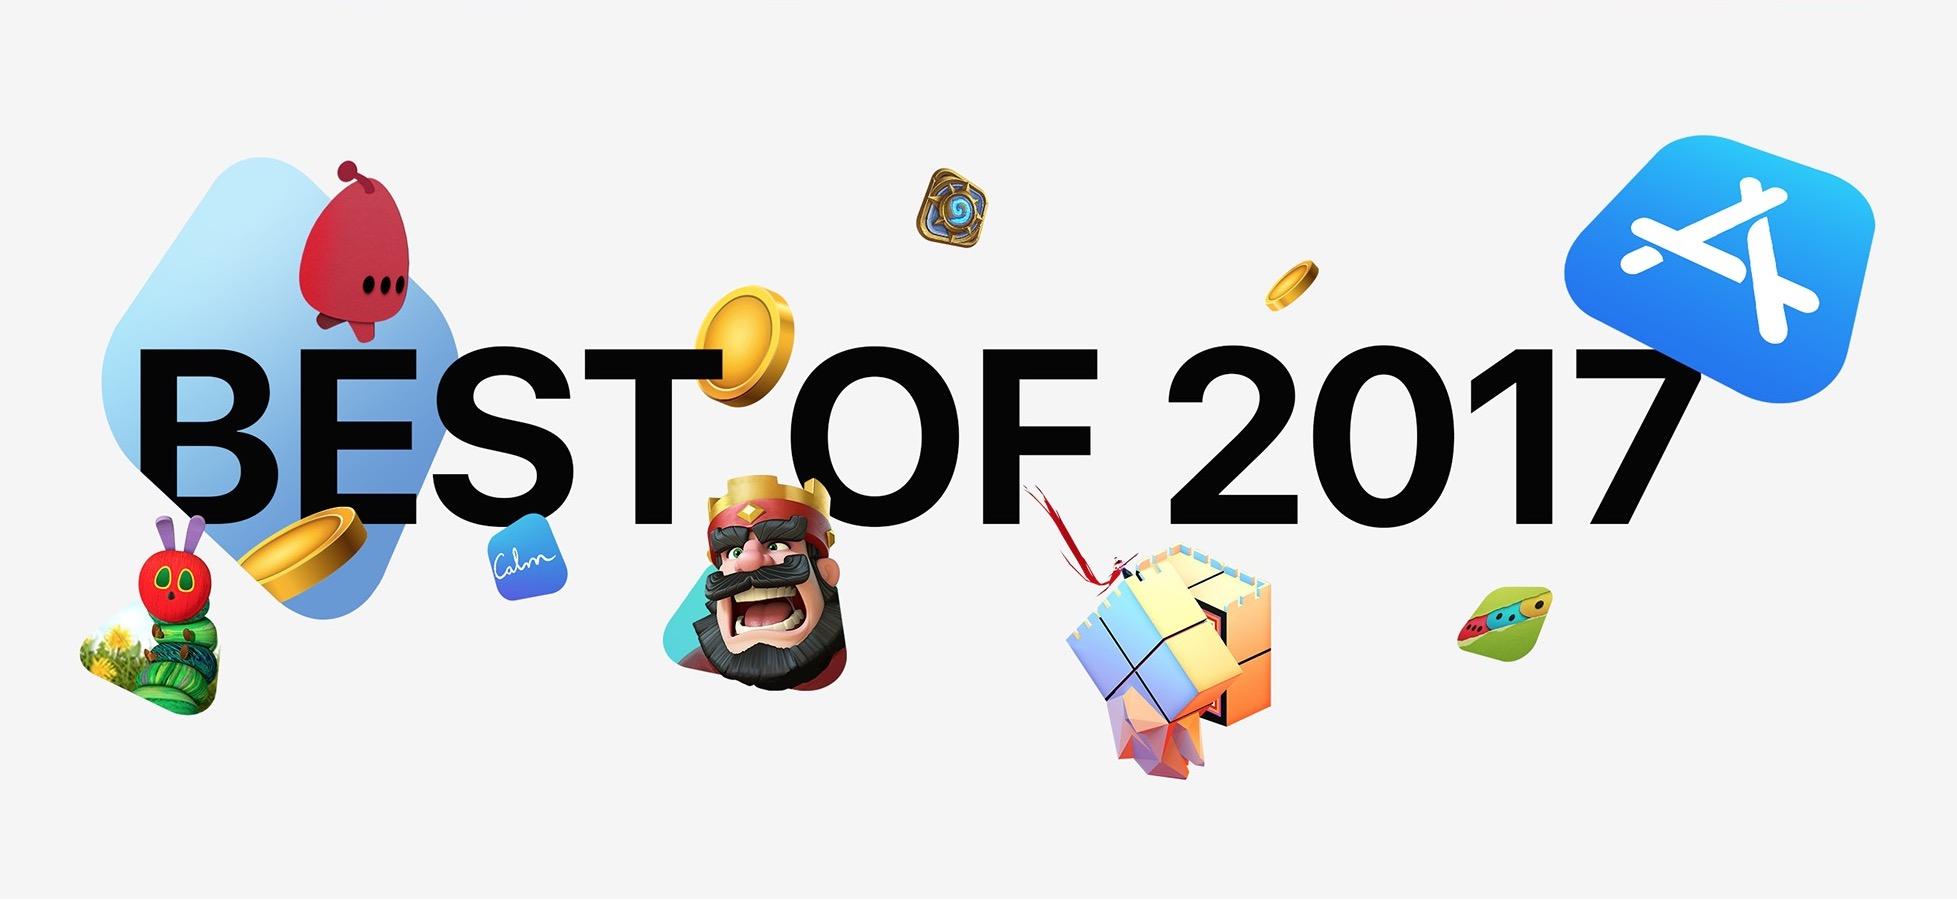 Apple、2017年のベストアプリ・ベストゲームを発表